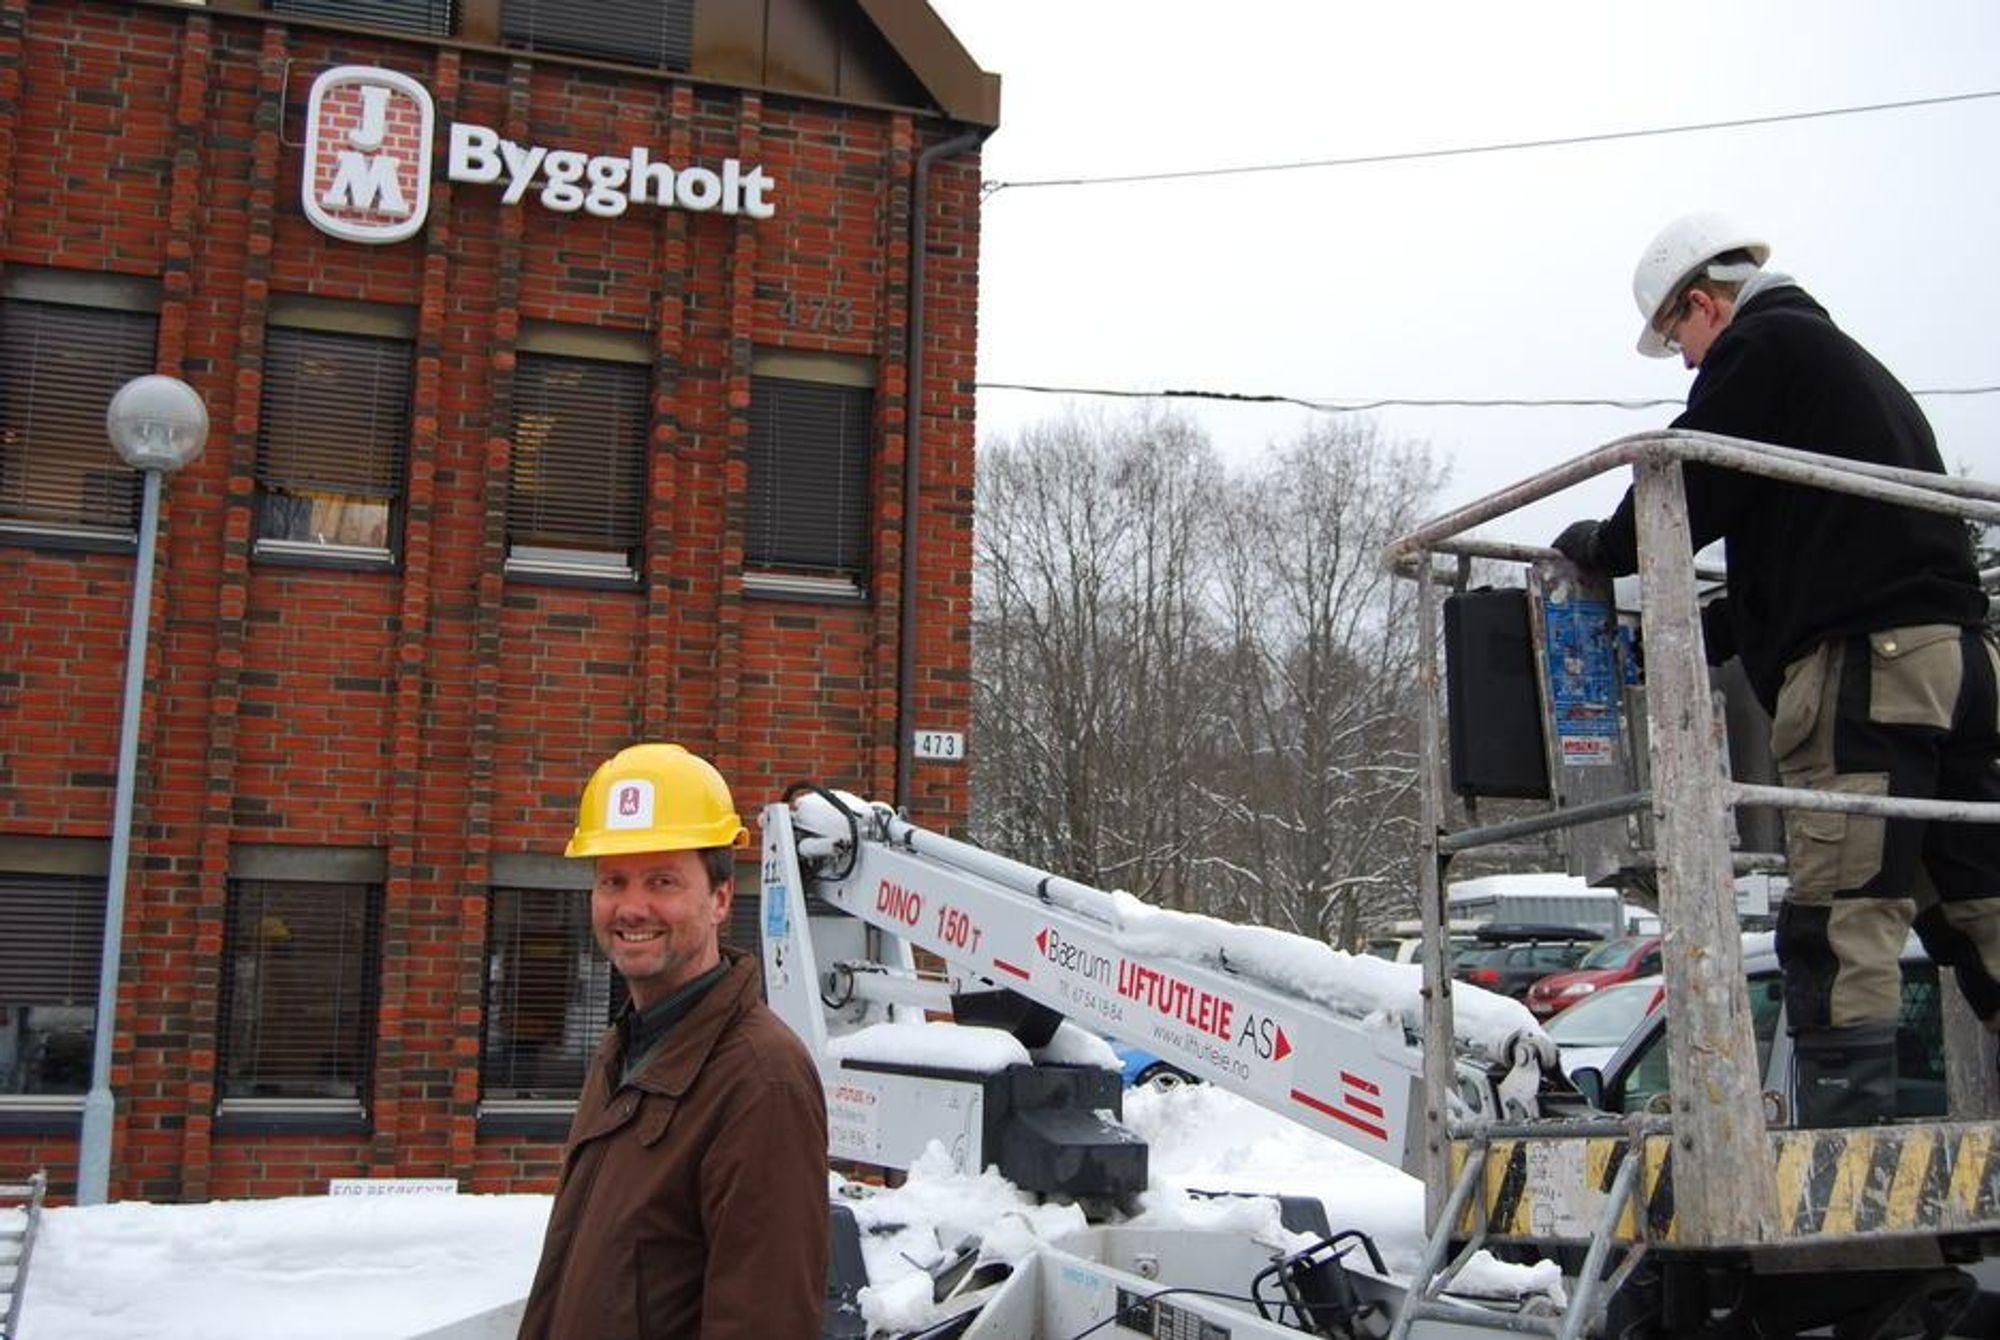 SLUTT: Direktør for markedskommunikasjon, Kjell Kvarekvål under den gamle logoen som nå må skiftes. En æra er over og Byggholt er ute av norsk byggenæring.